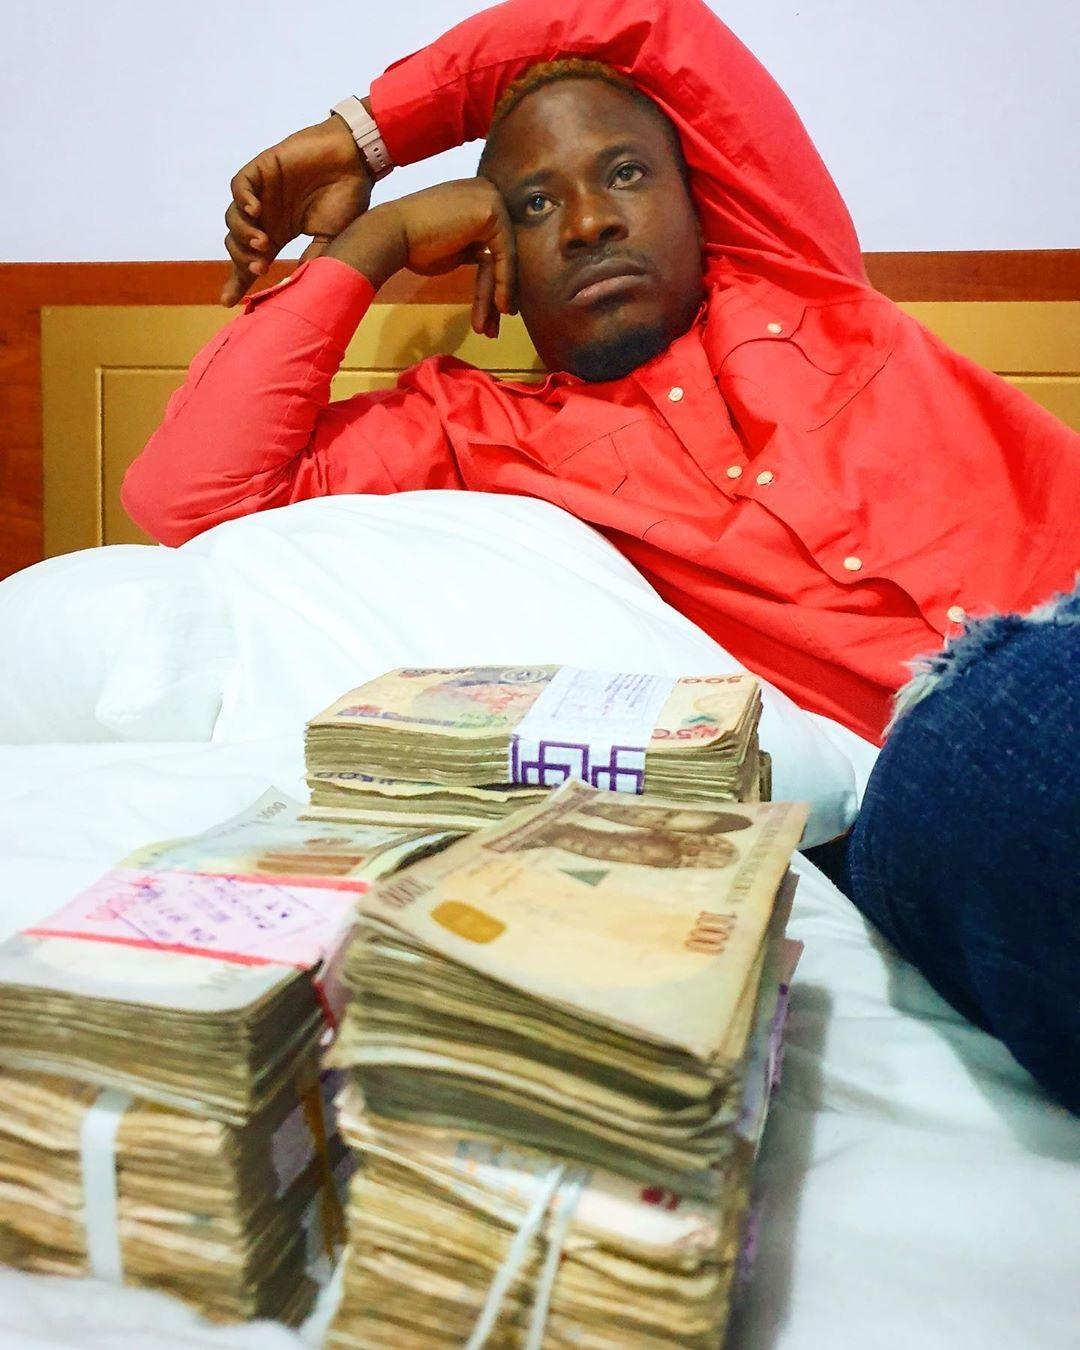 Jaywon shows off cash